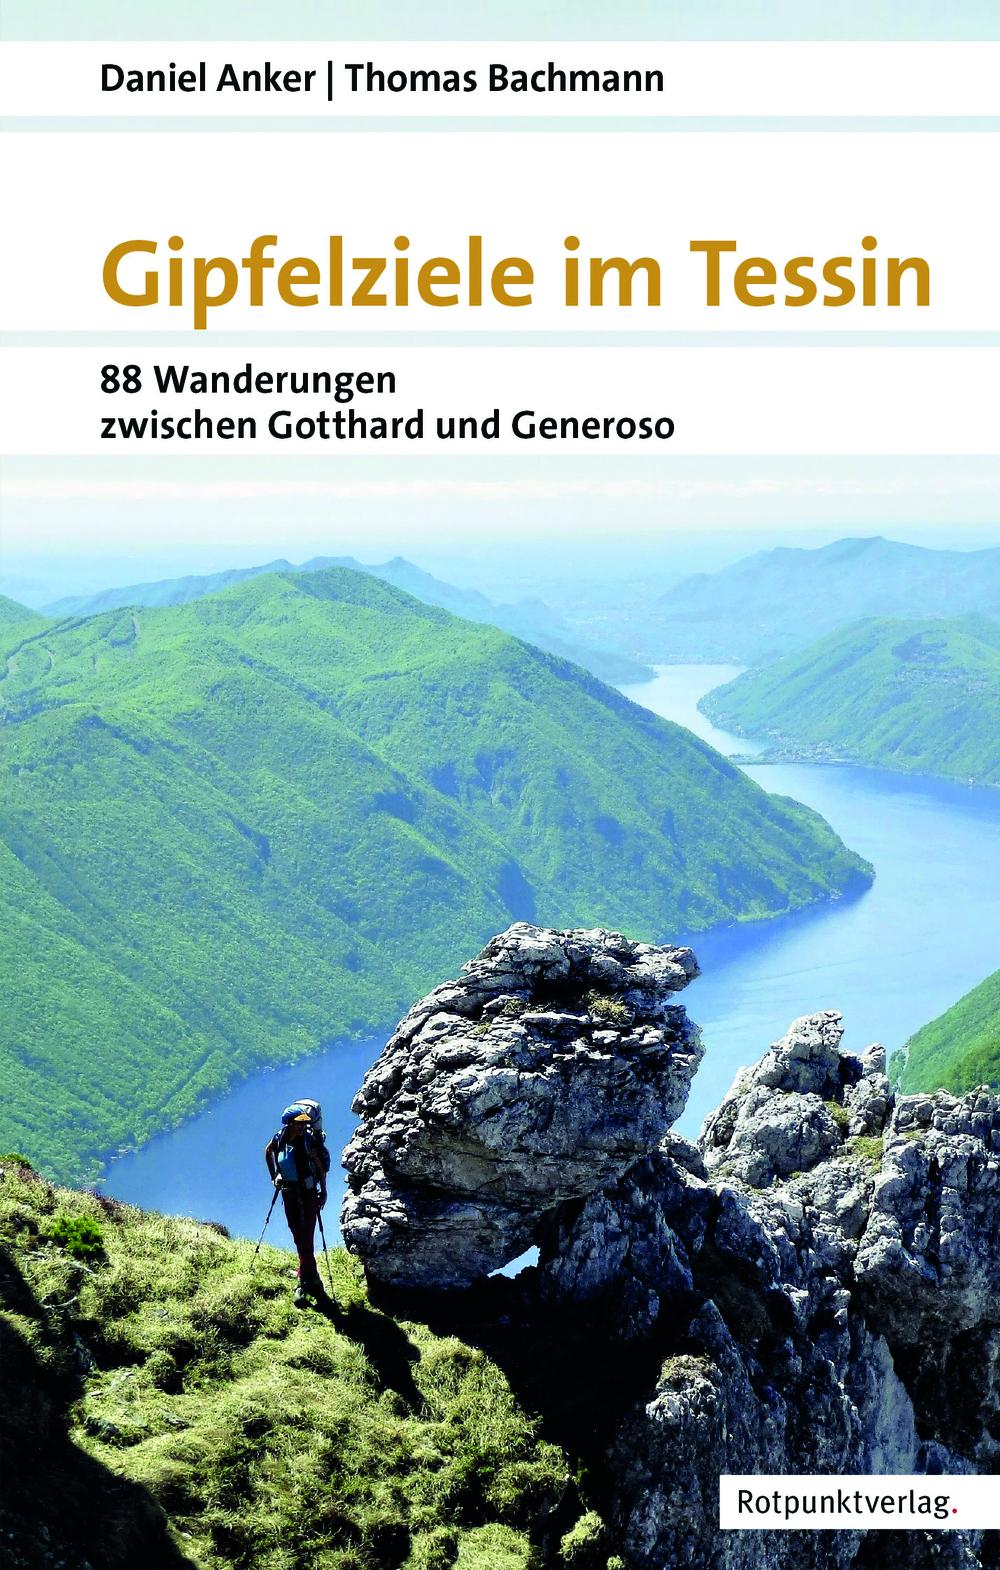 «Gipfelziele im Tessin. 88 Wanderungen zwischen Gotthard und Generoso»